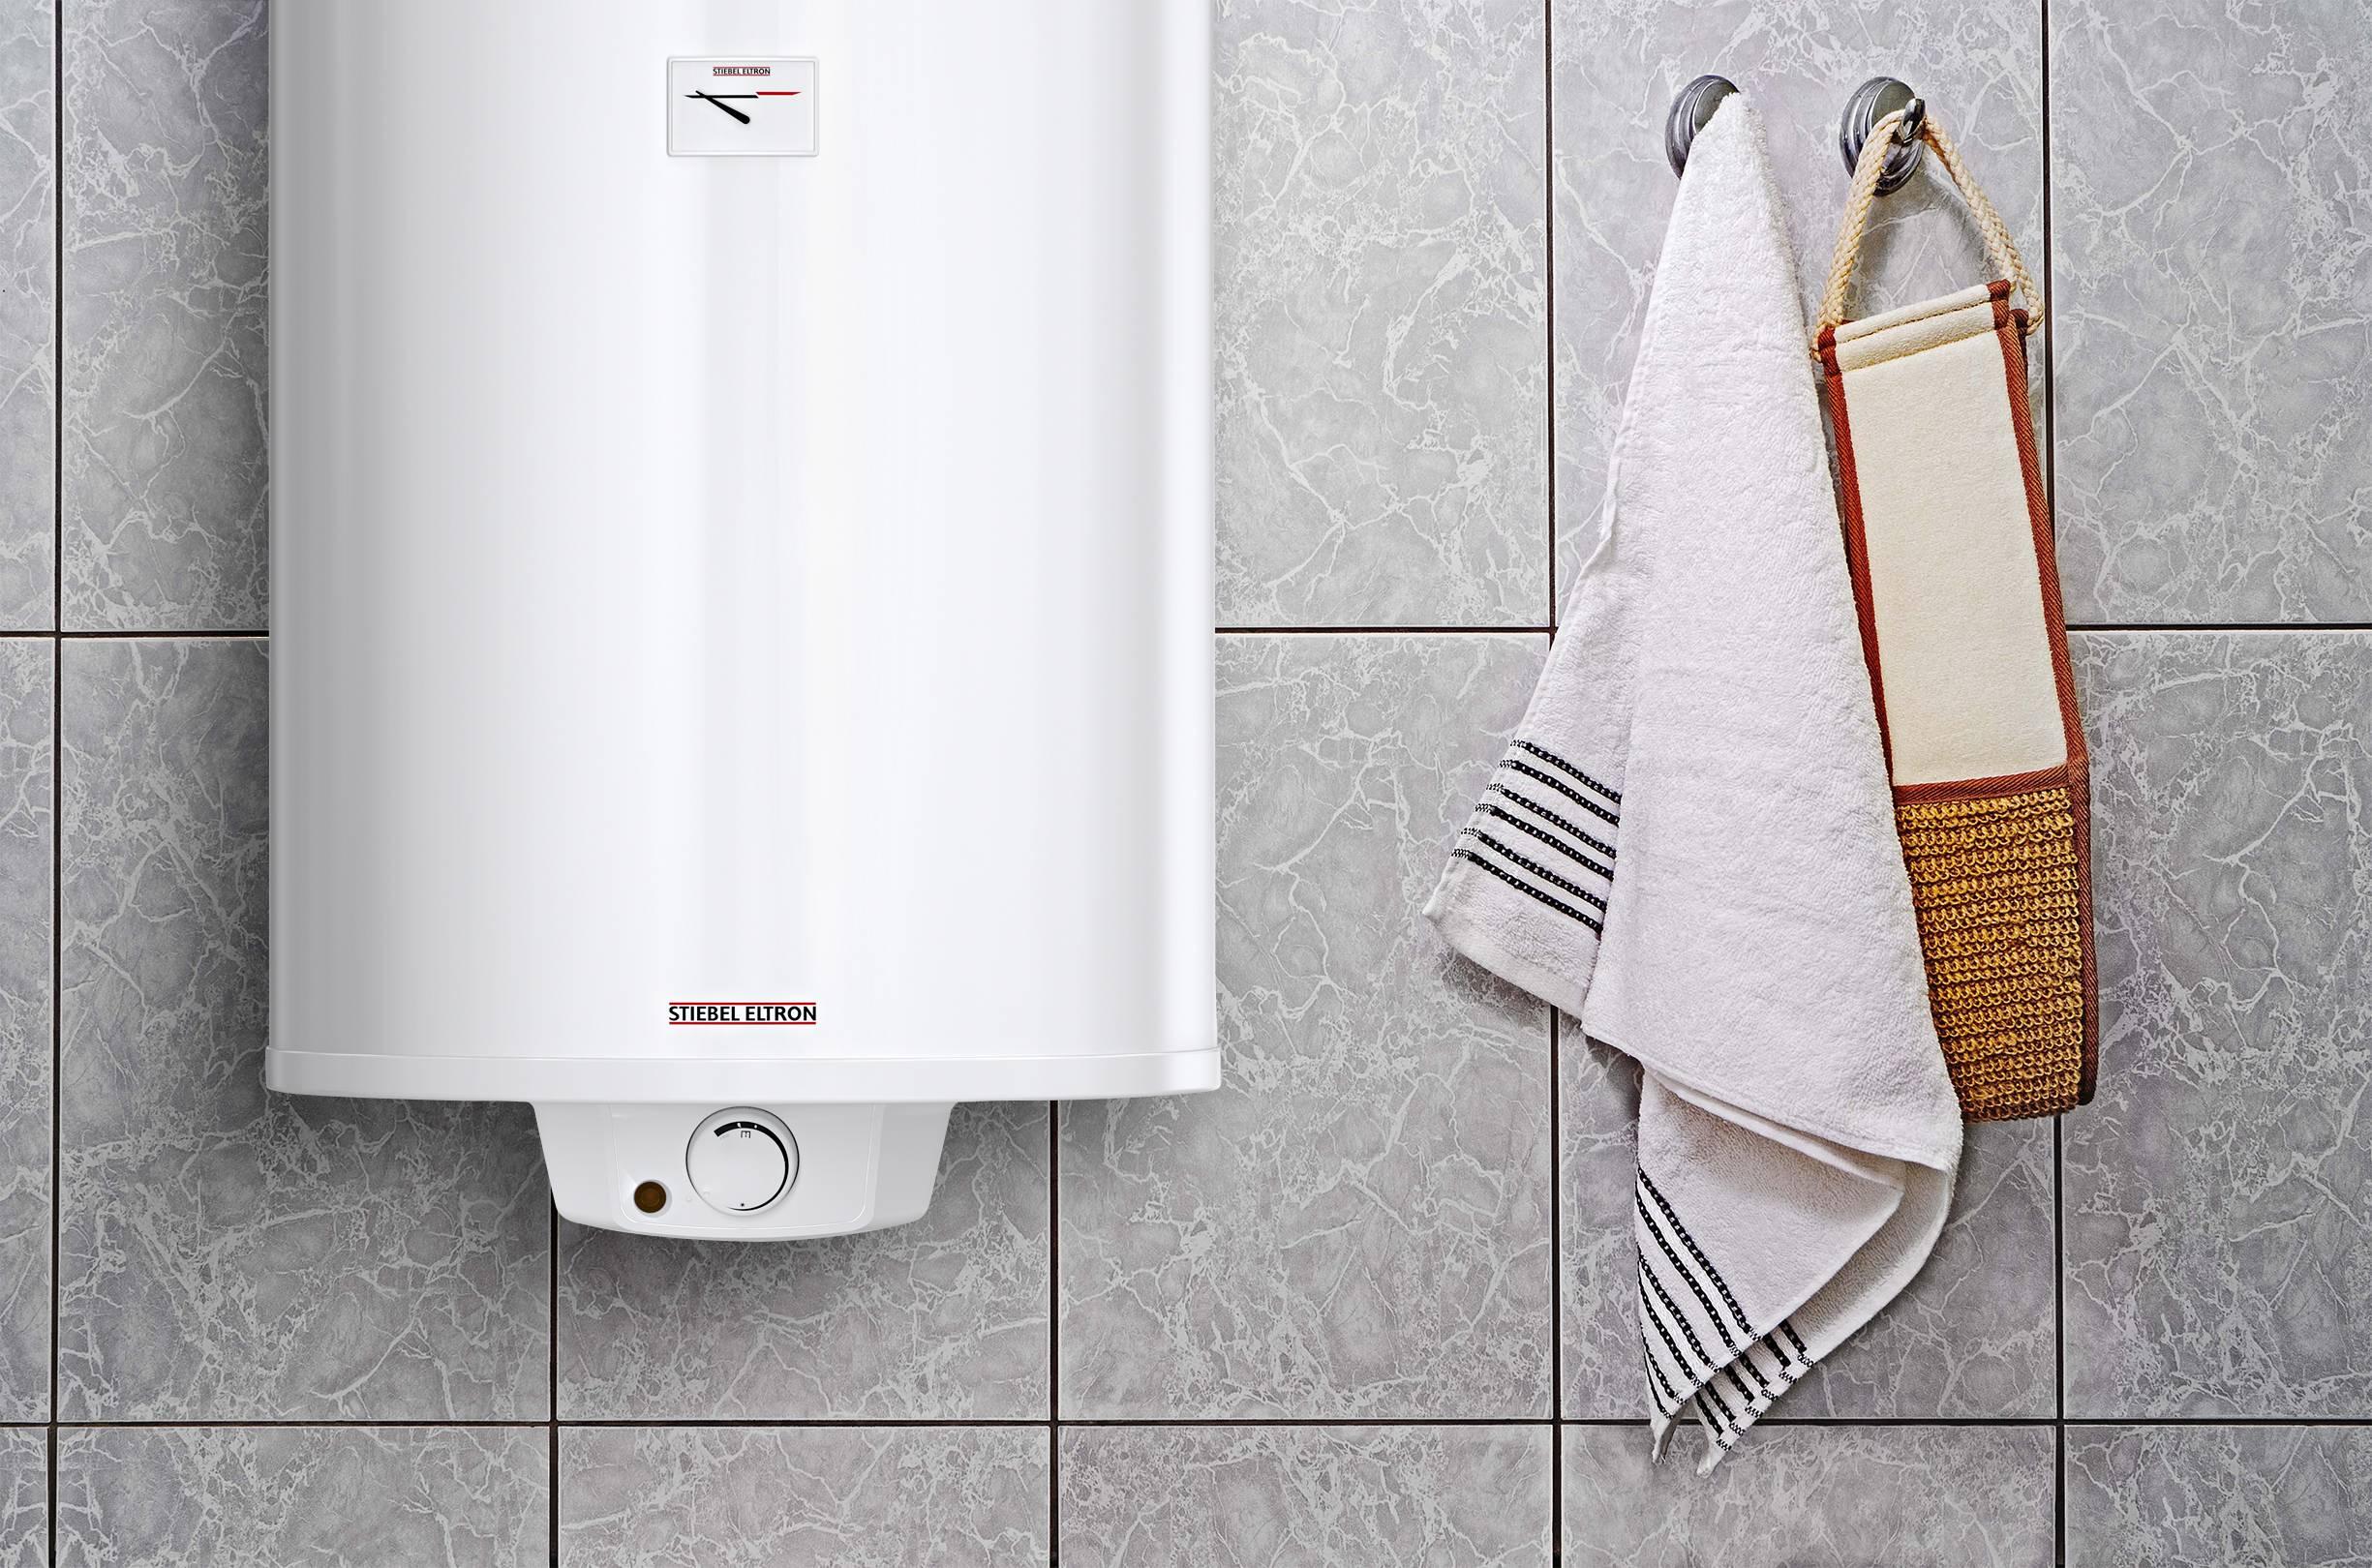 Топ5 водонагревателей: как выбрать подходящий?